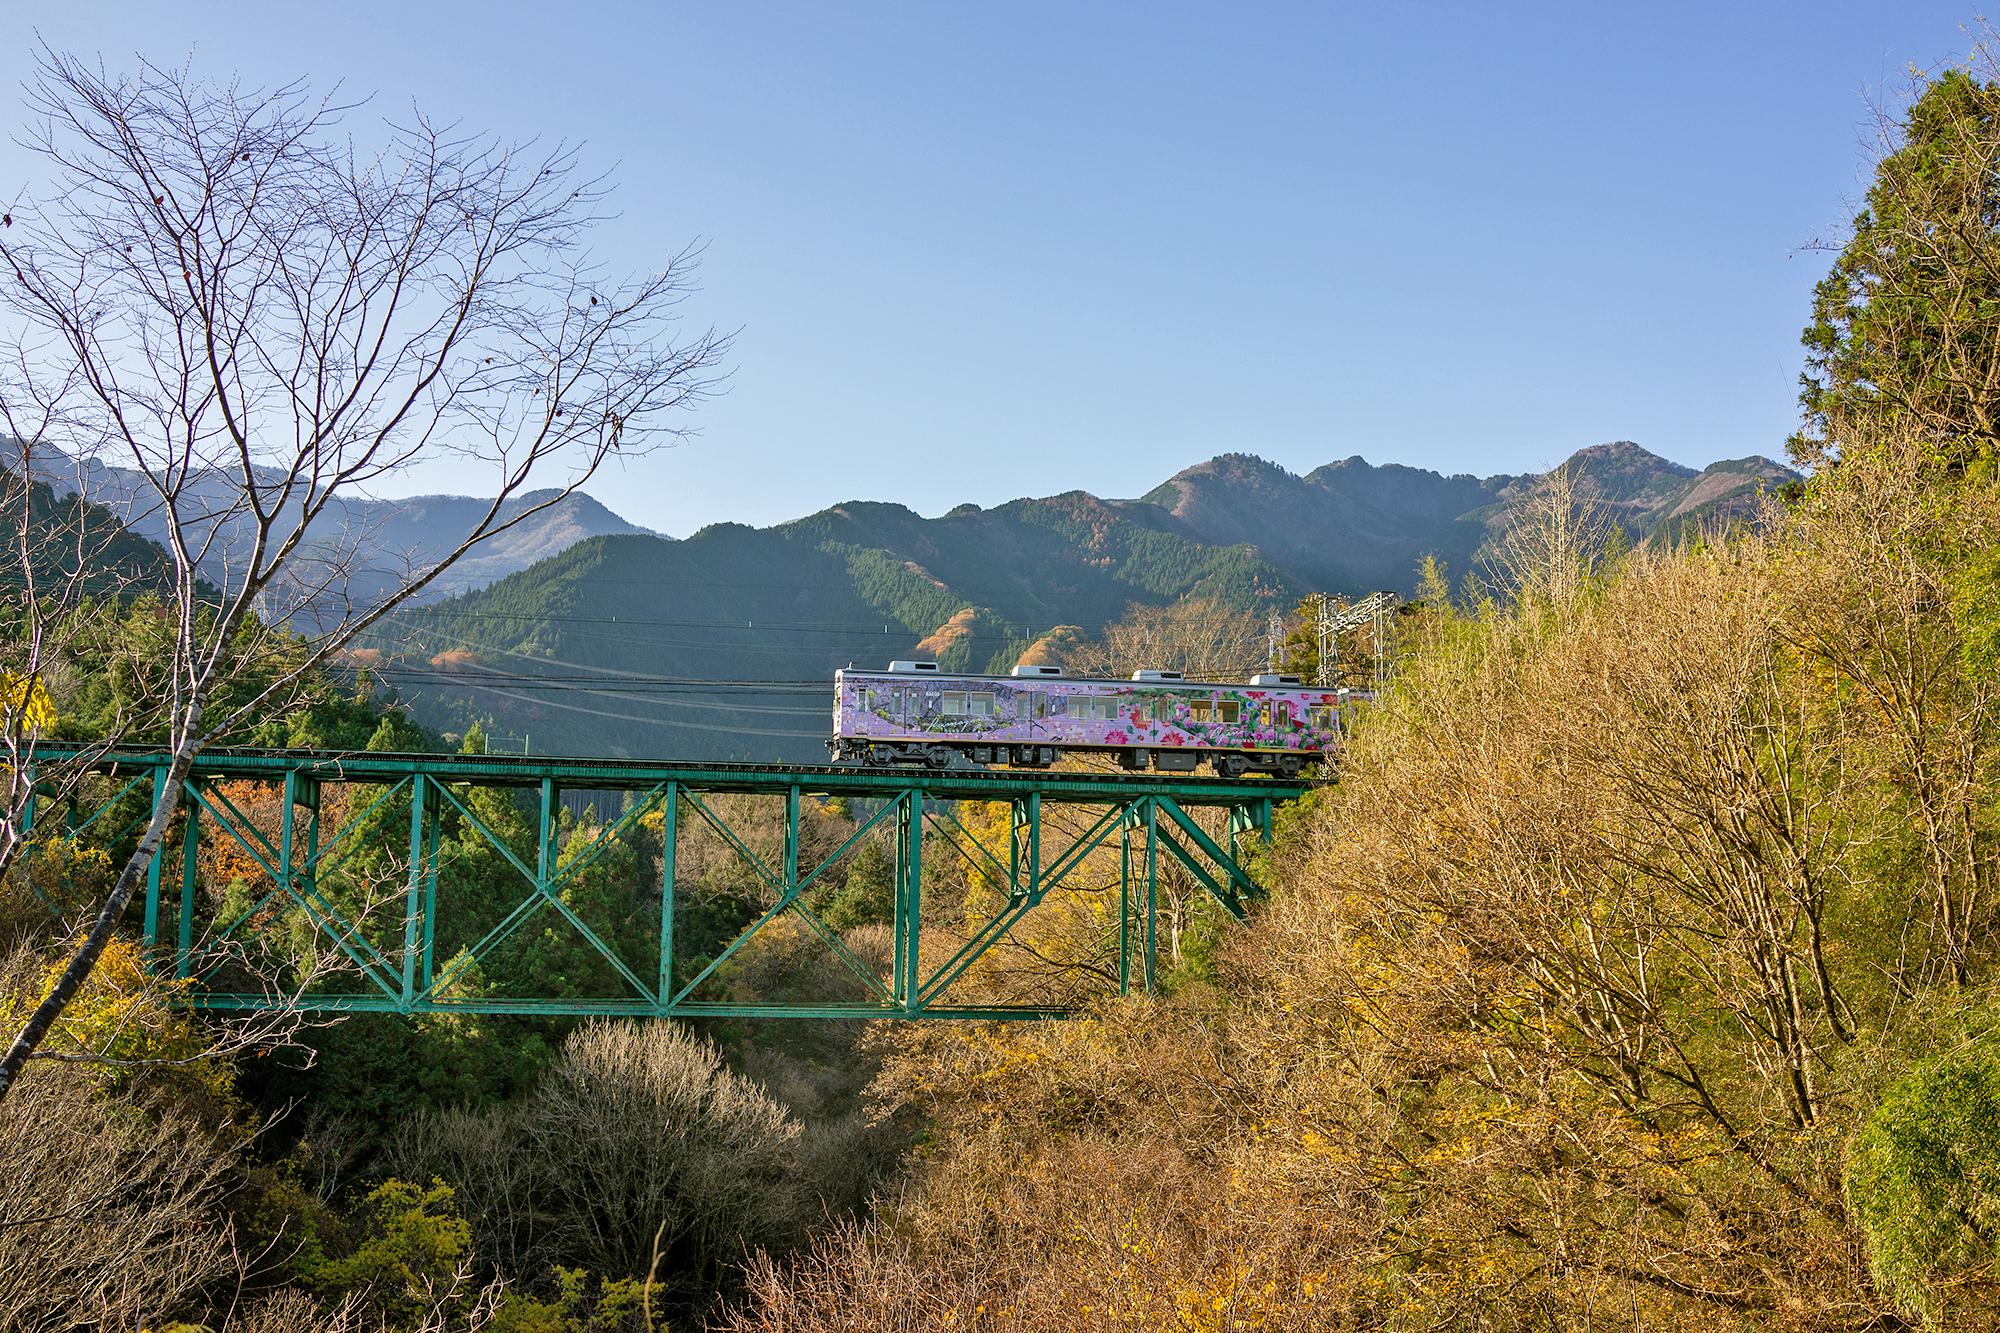 埼玉県秩父市の安谷川(あんやがわ)に架かる秩父鉄道の安谷川橋梁